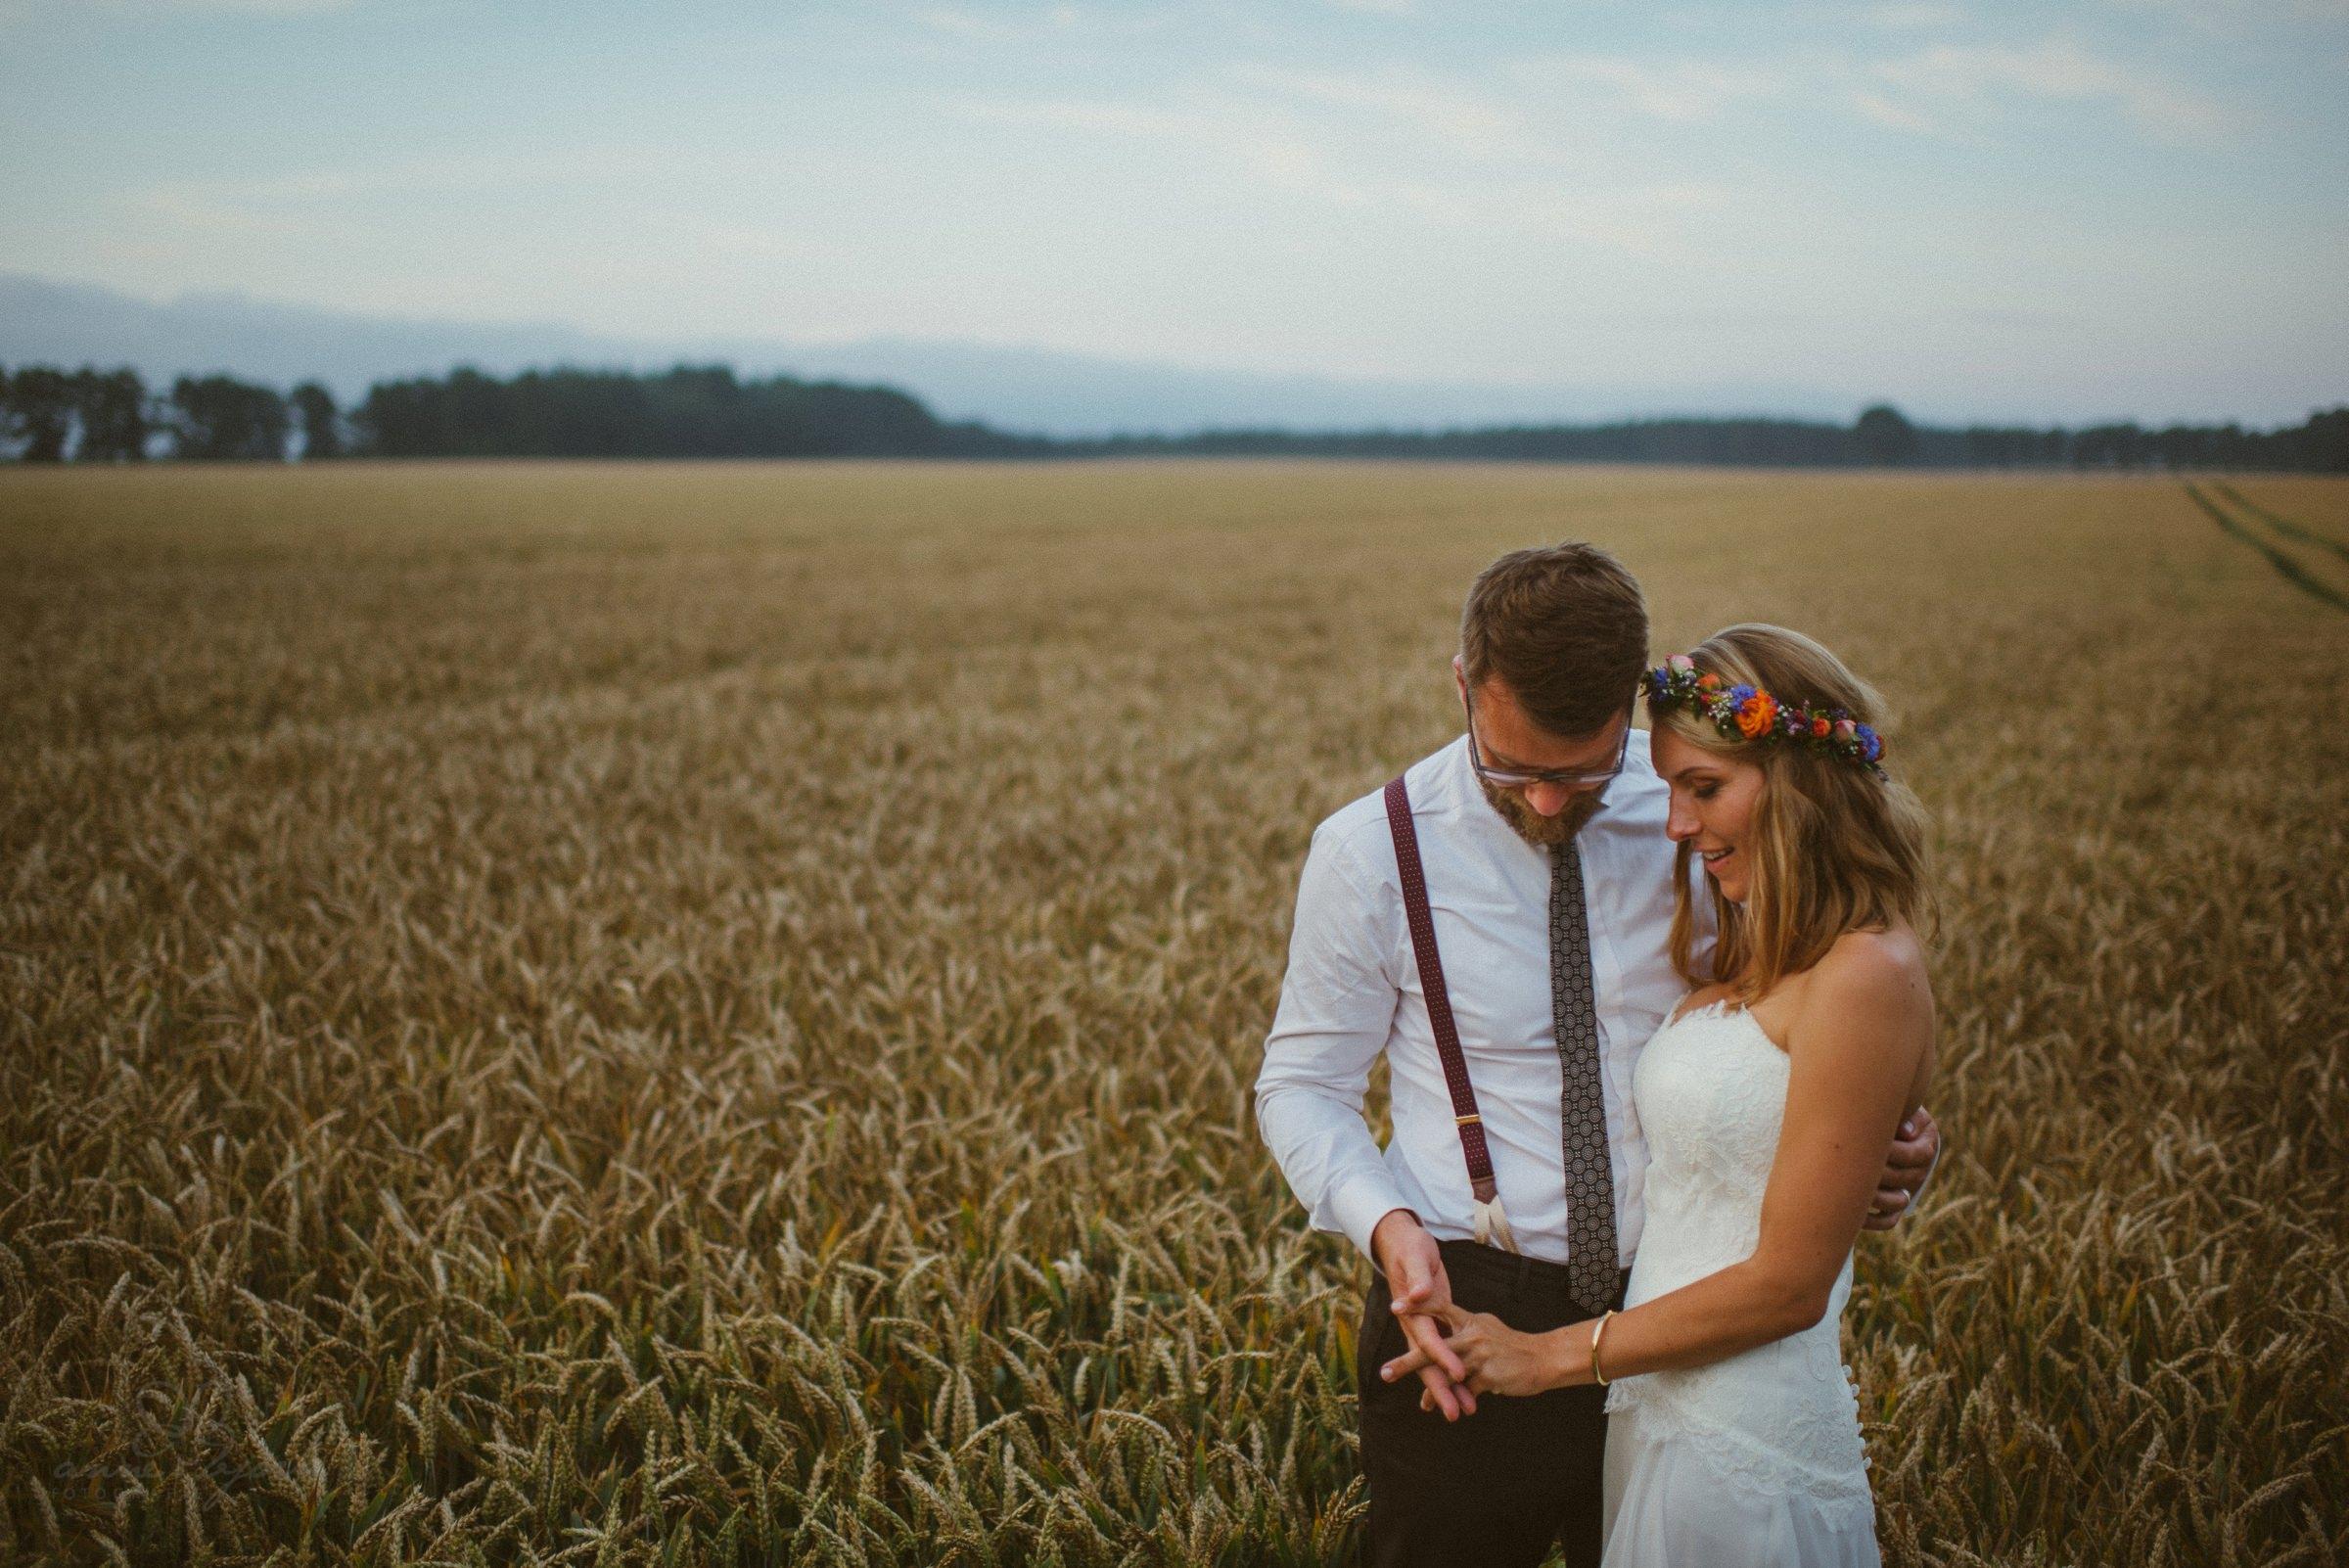 Hochzeitsfotograf Heide, Paar, Feld, Blumenkranz, bunt, Wolken